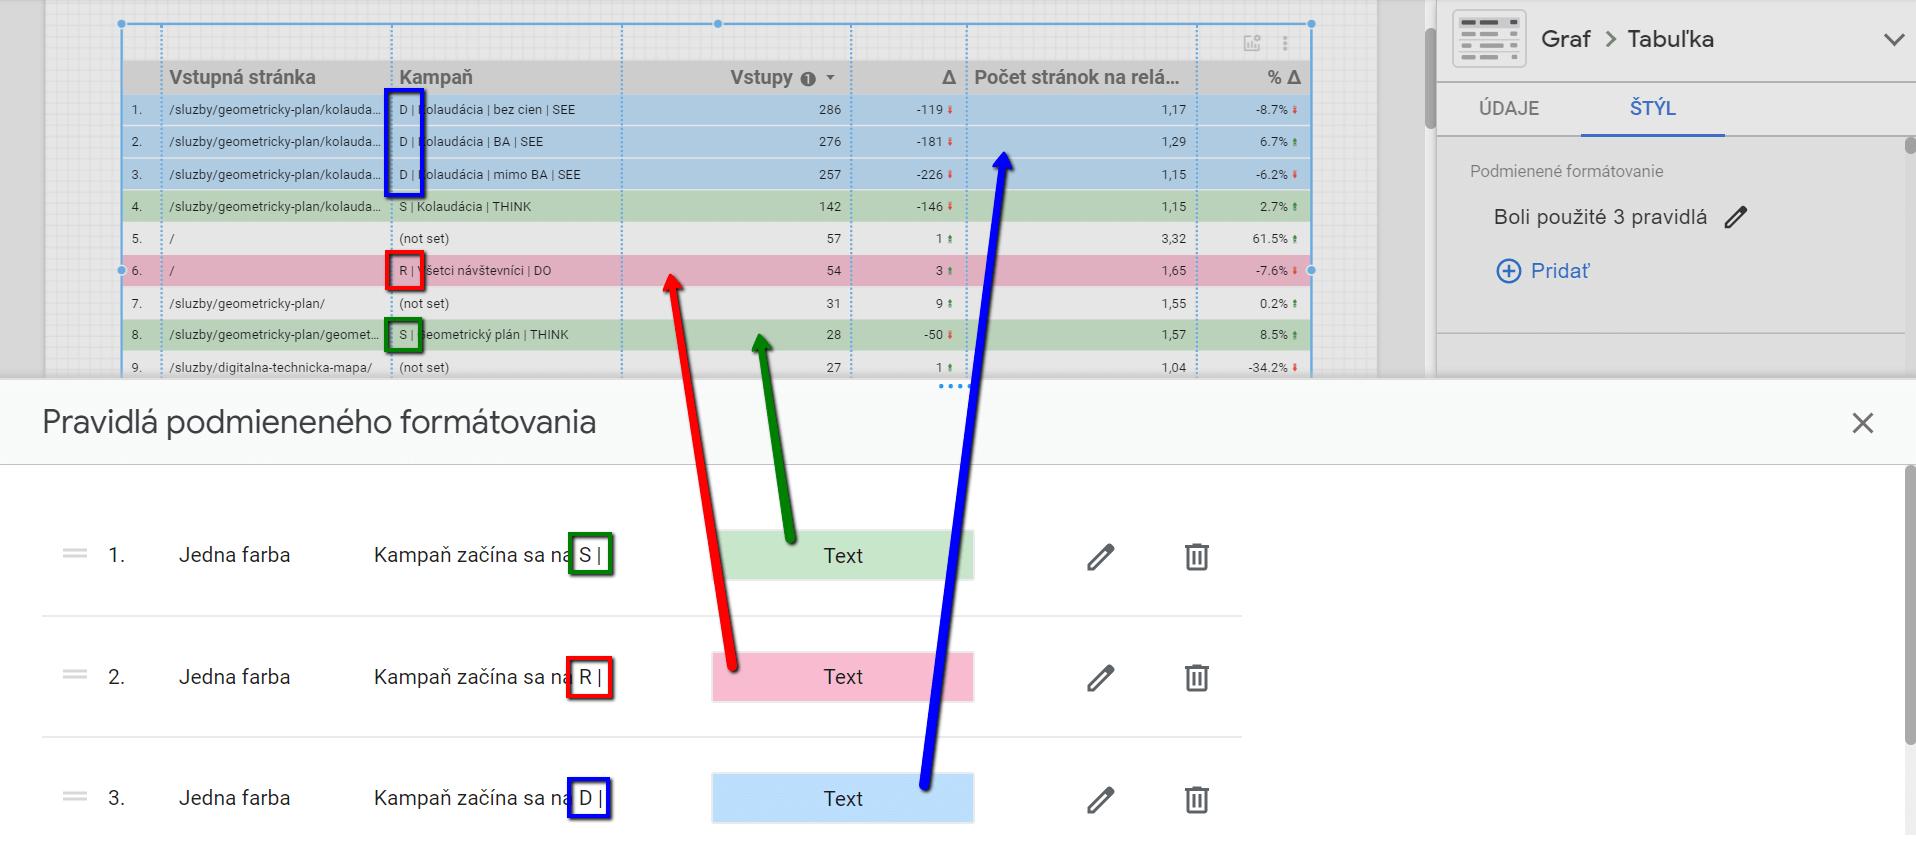 Podmienené formátovanie pre tabuľky v Google Data Studiu